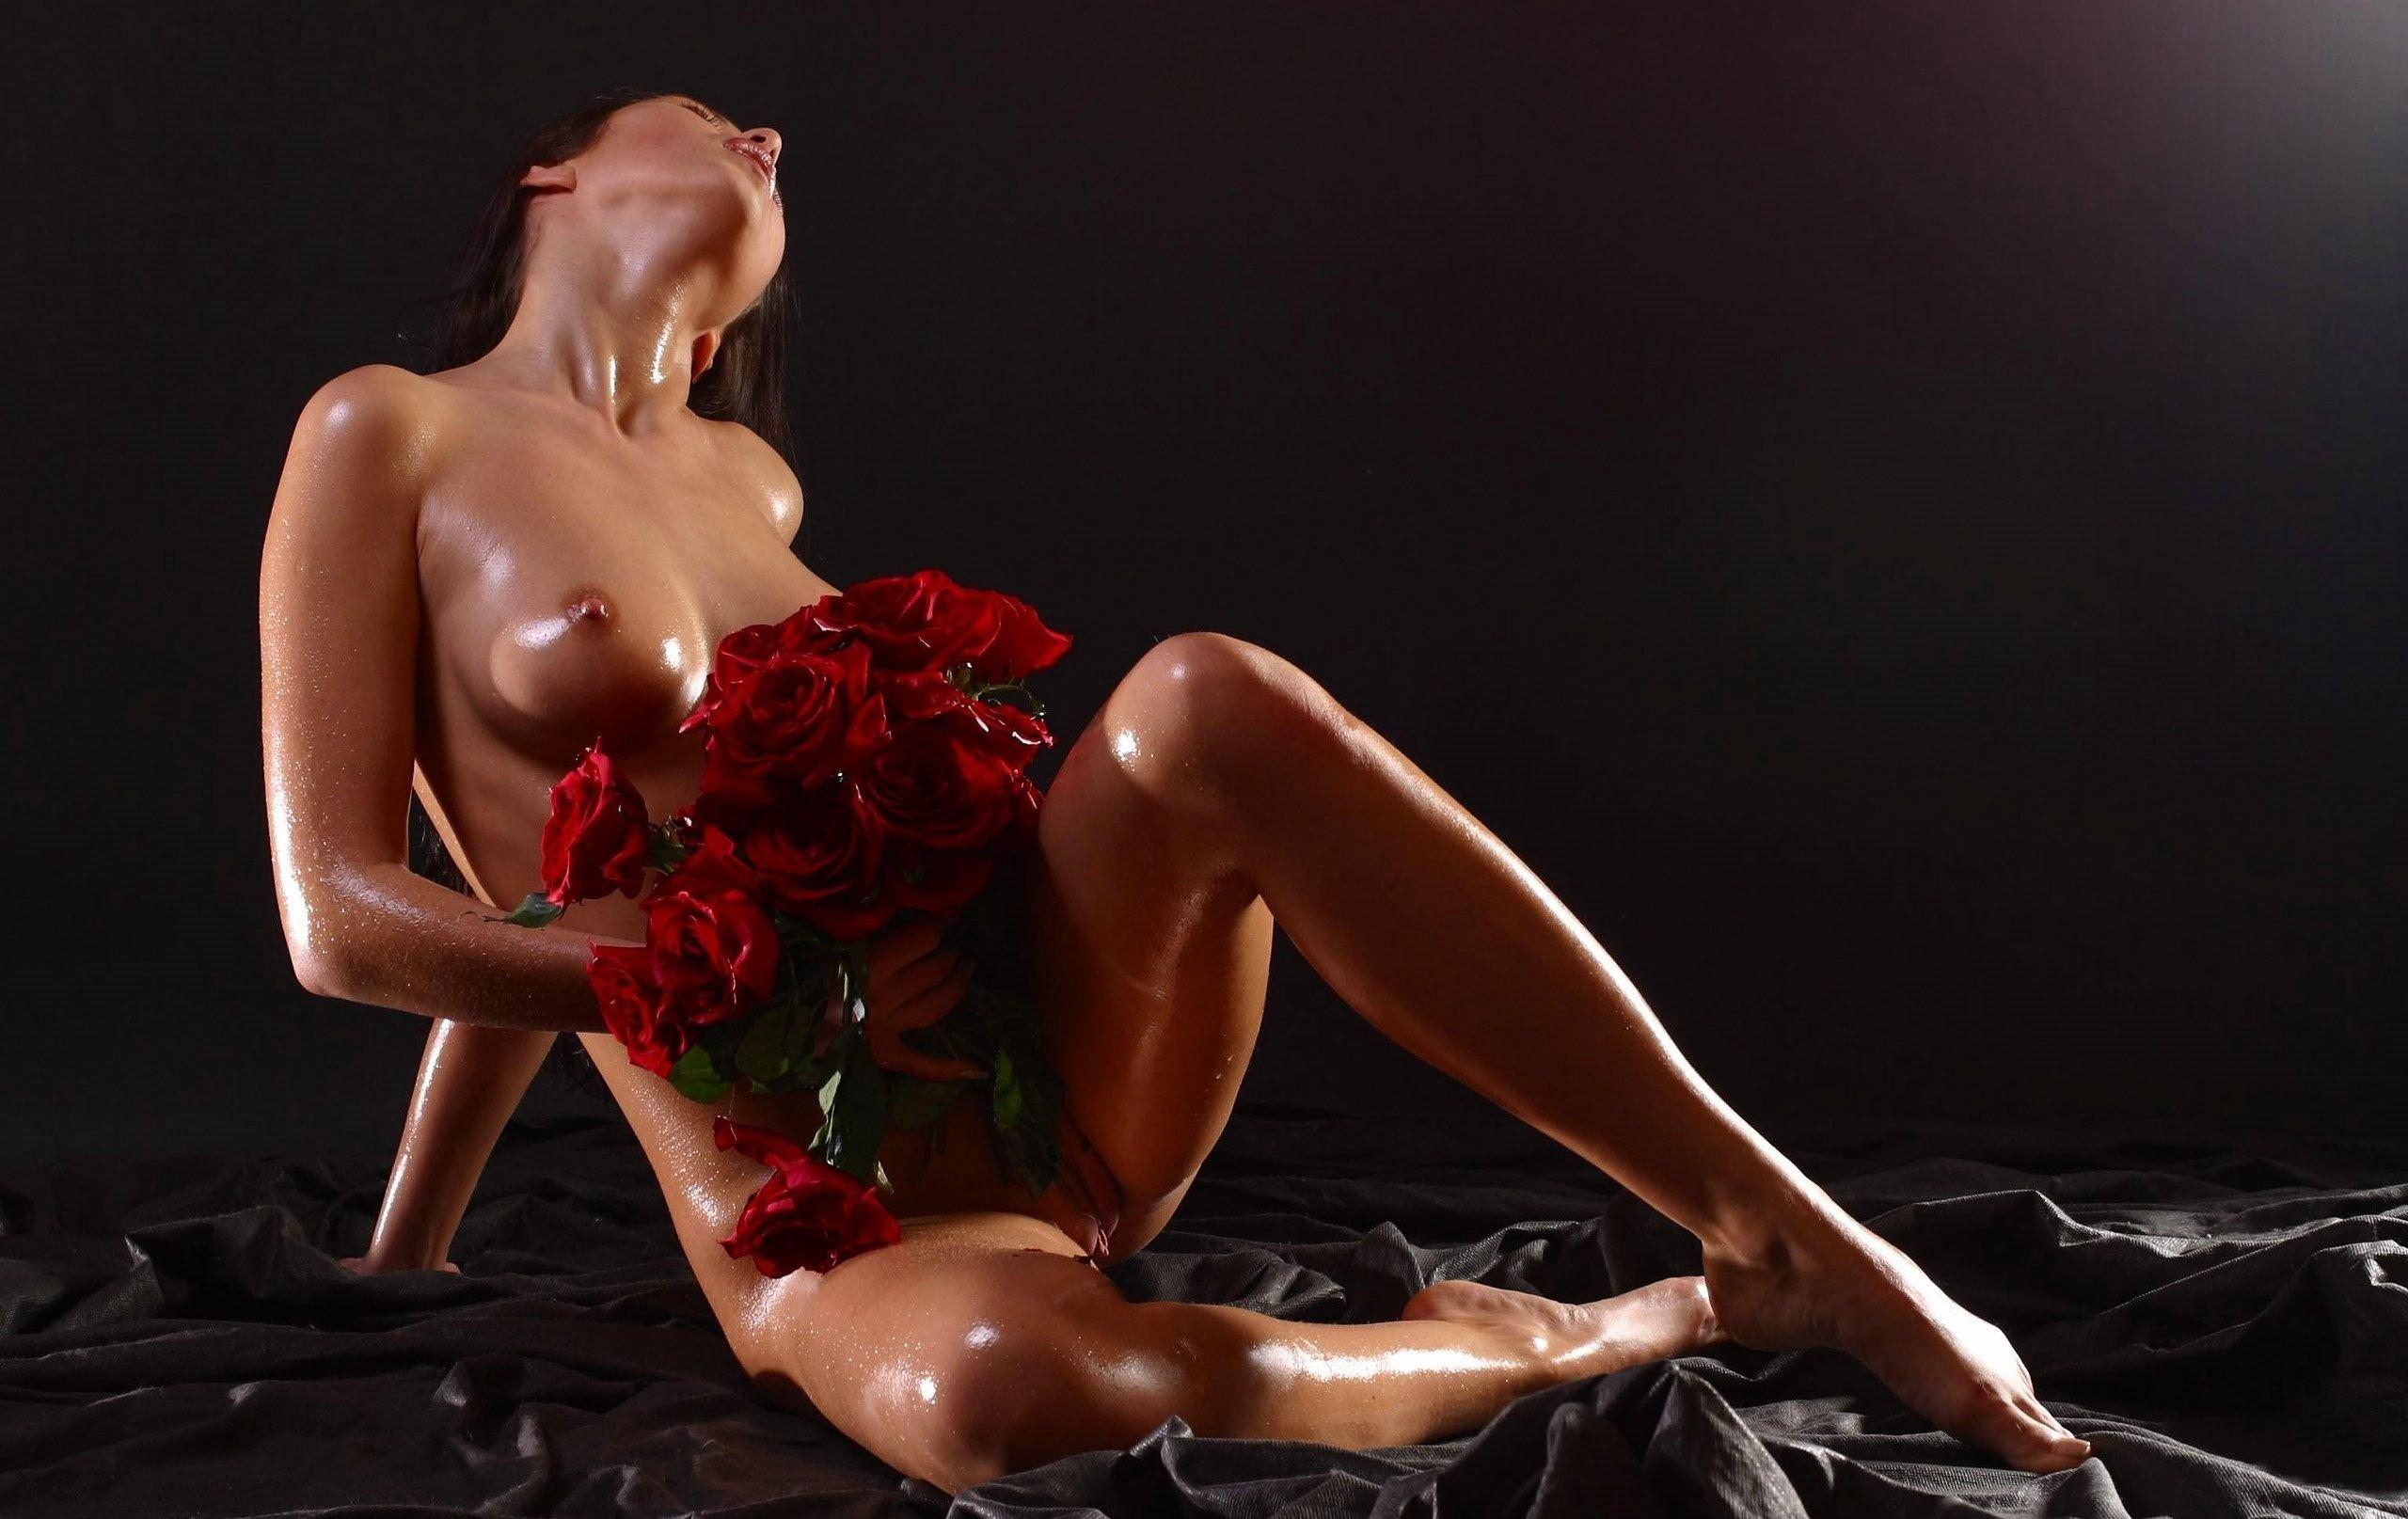 Фото Сексуальная обнаженная девушка с цветочками